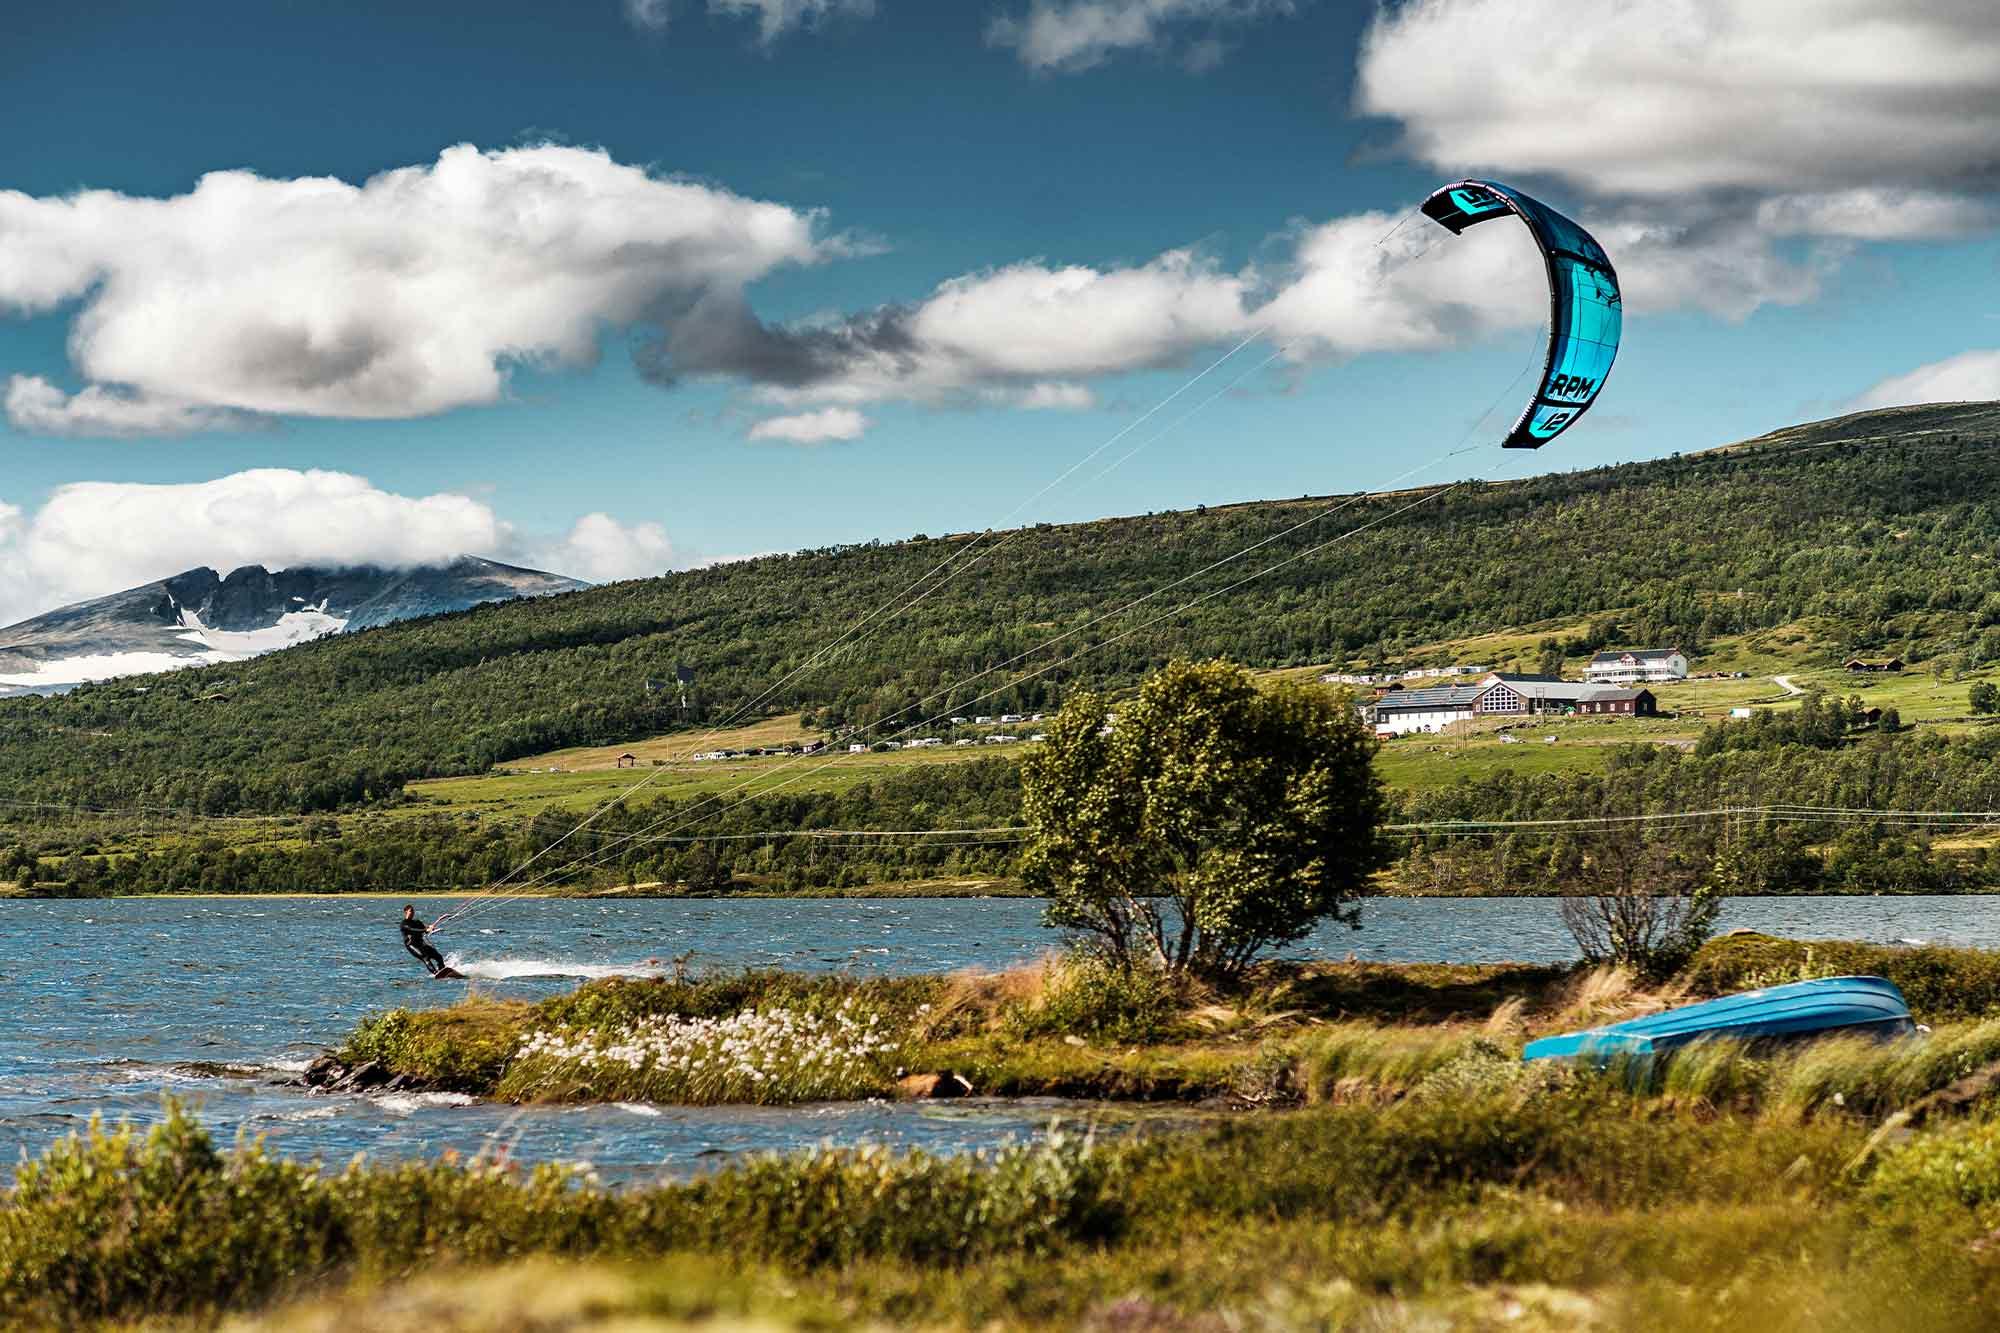 Ein Kiter auf dem Fjellsee in Norwegen